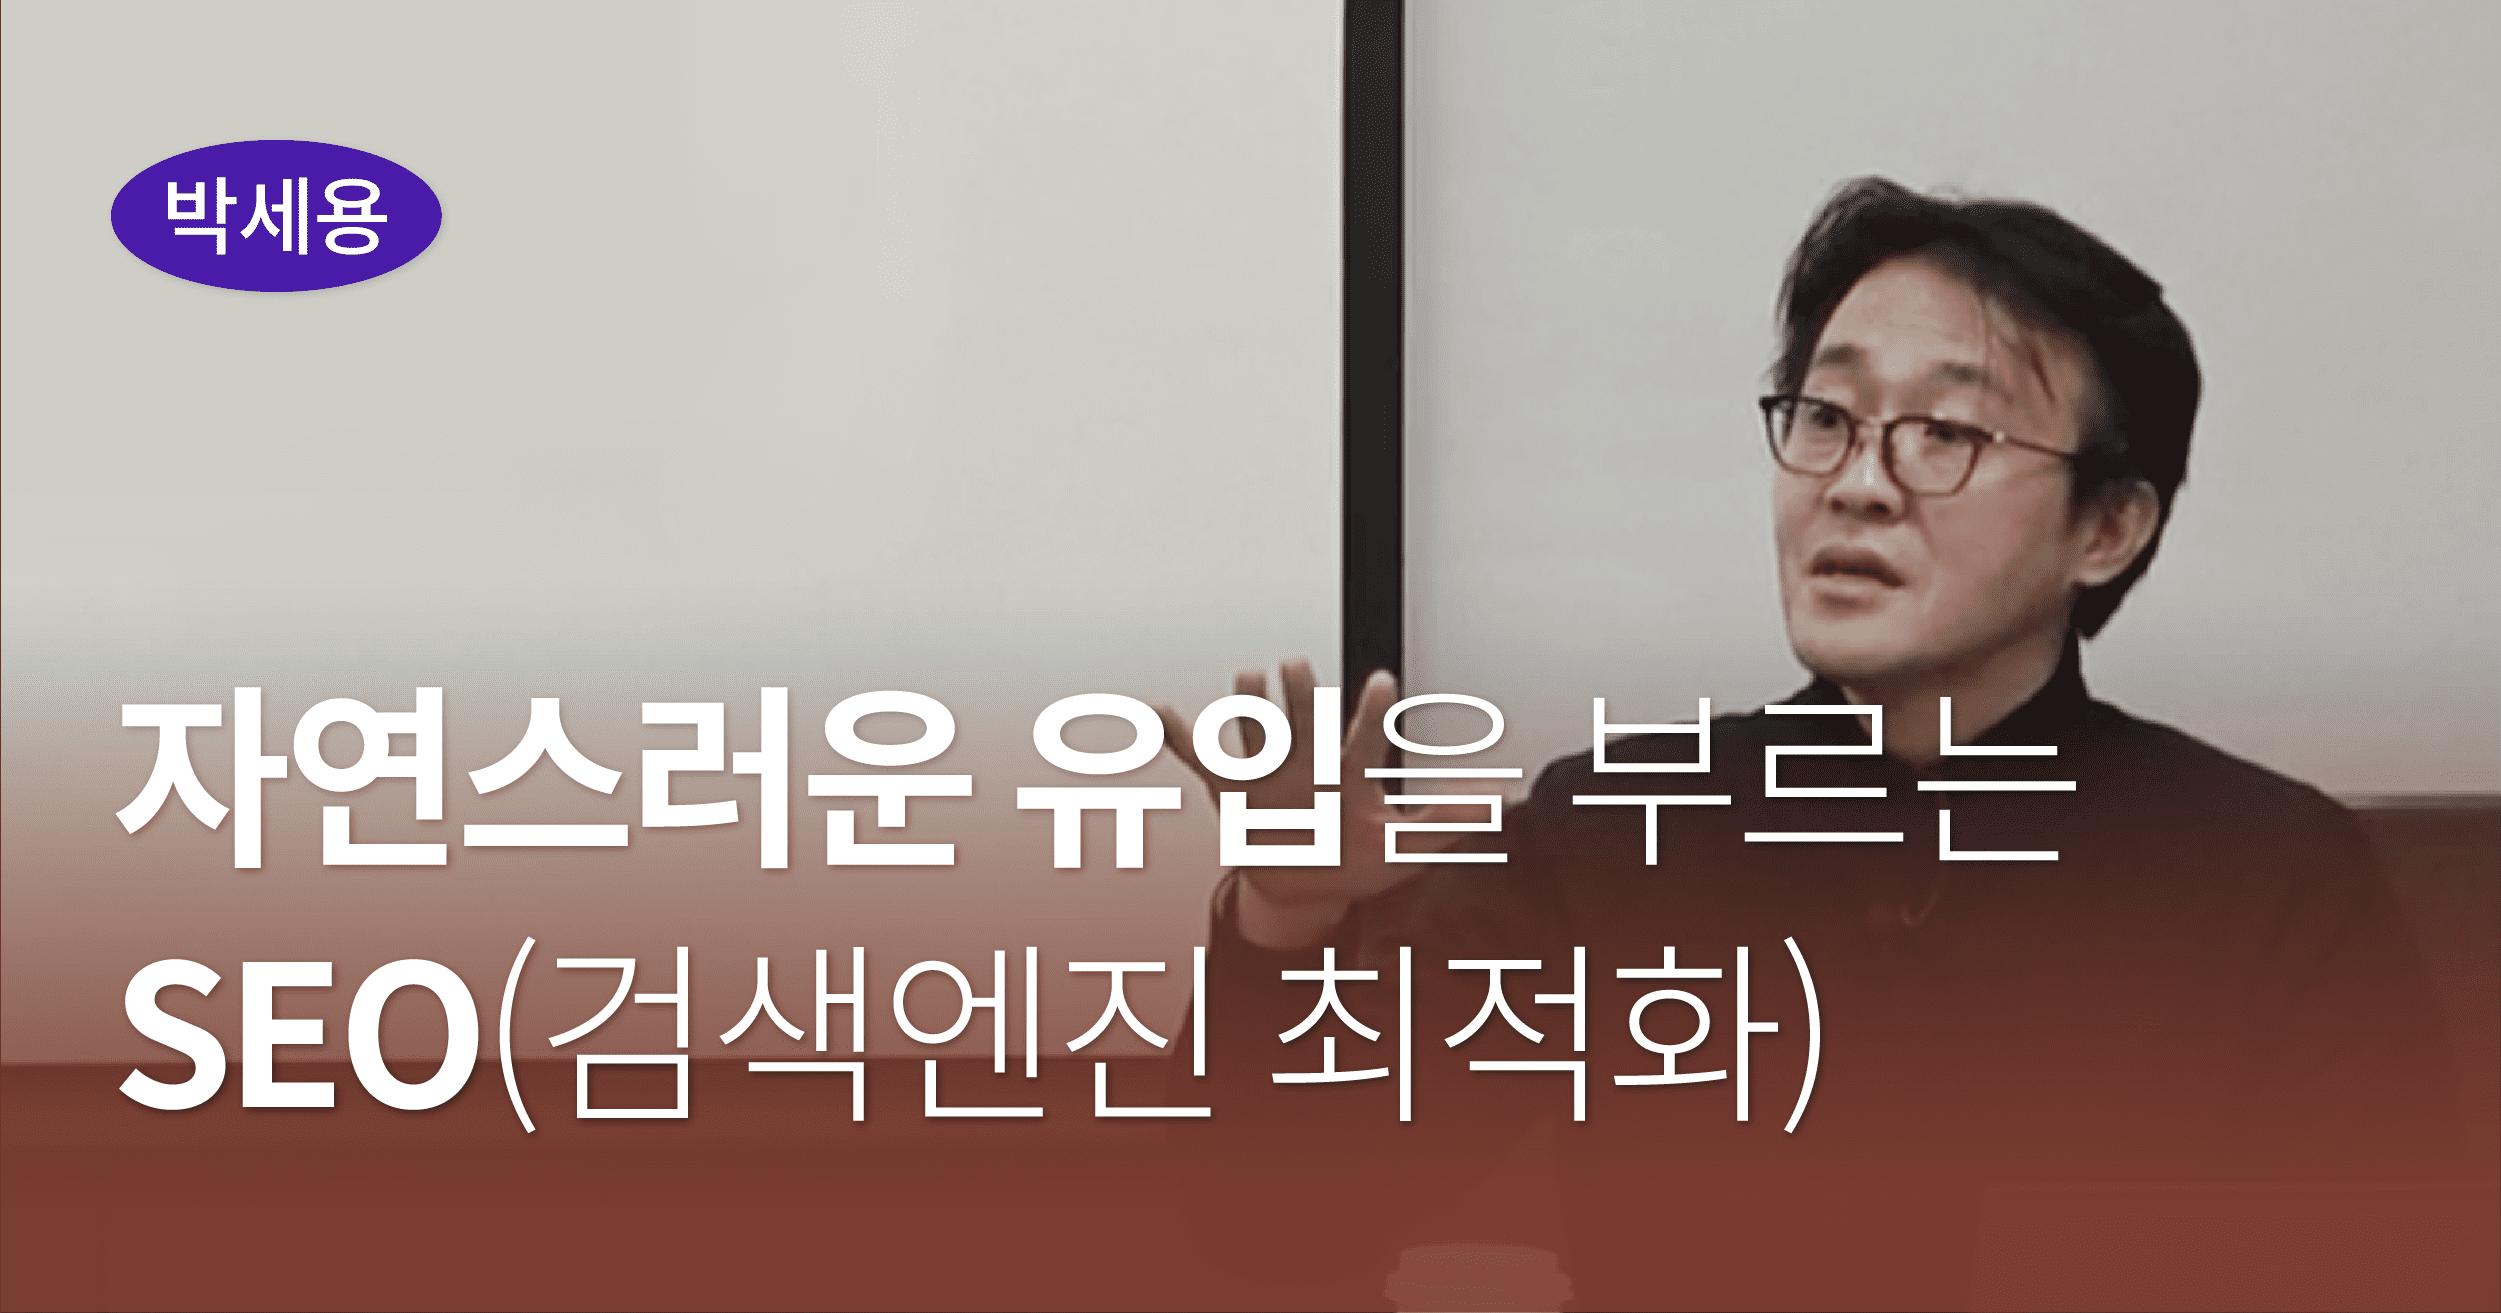 자연스러운 유입을 부르는 SEO, 국내 최고 SEO전문가 박세용님의 강의